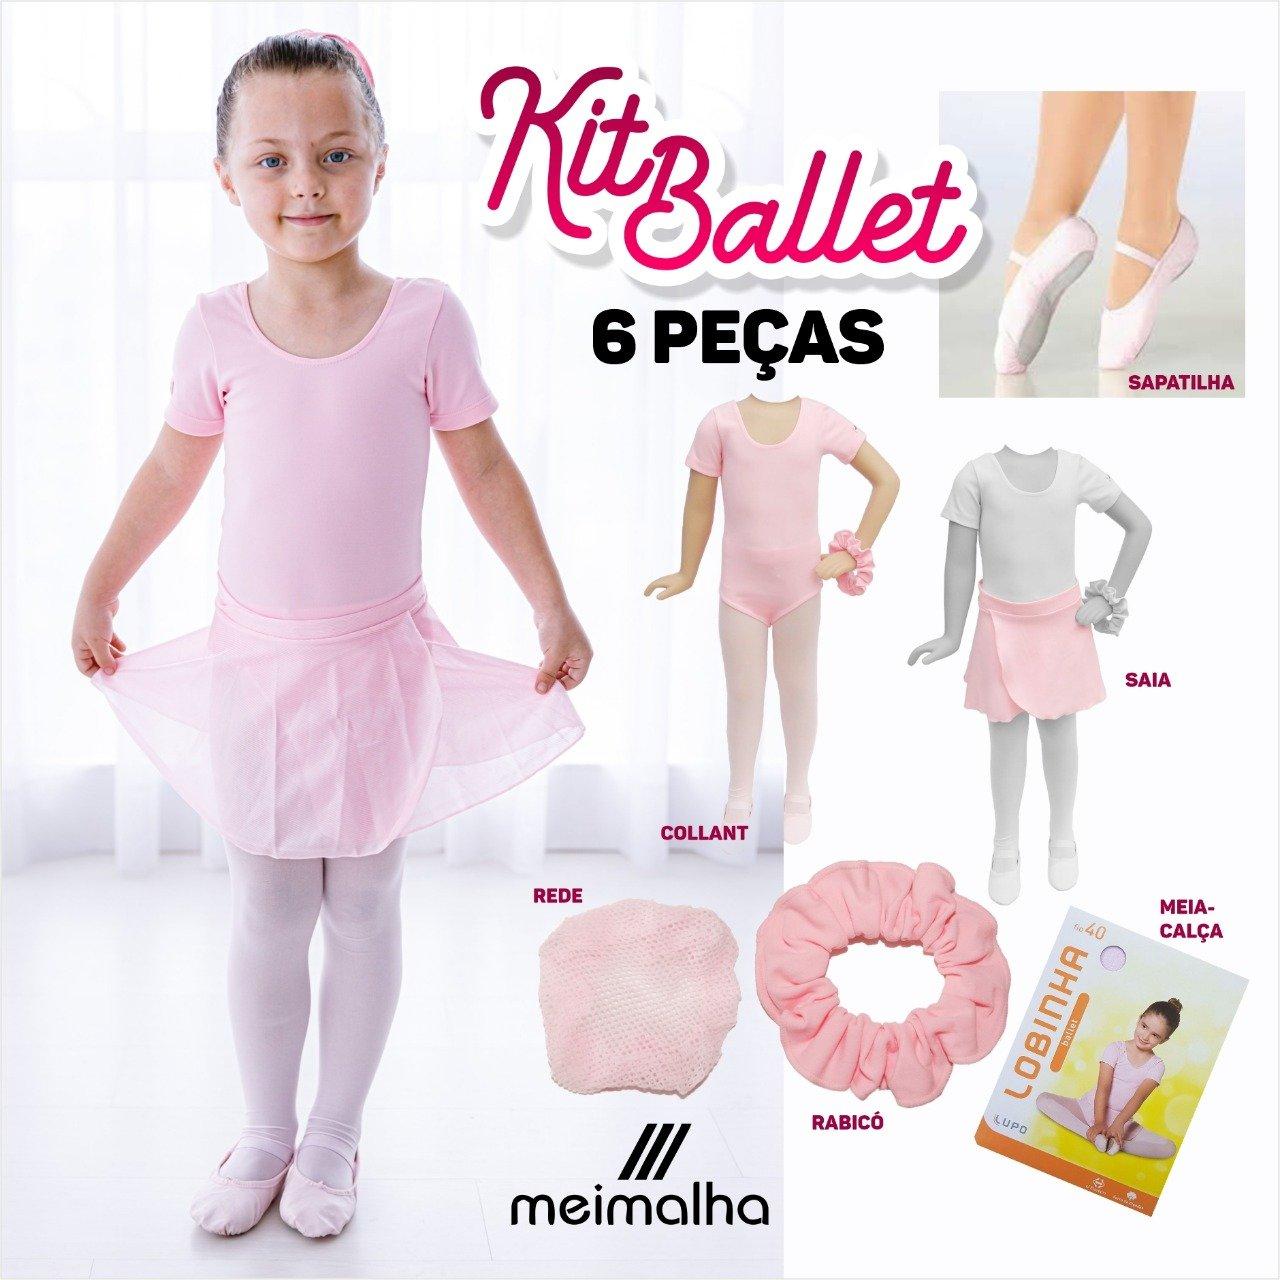 Kit Ballet principal.jpg